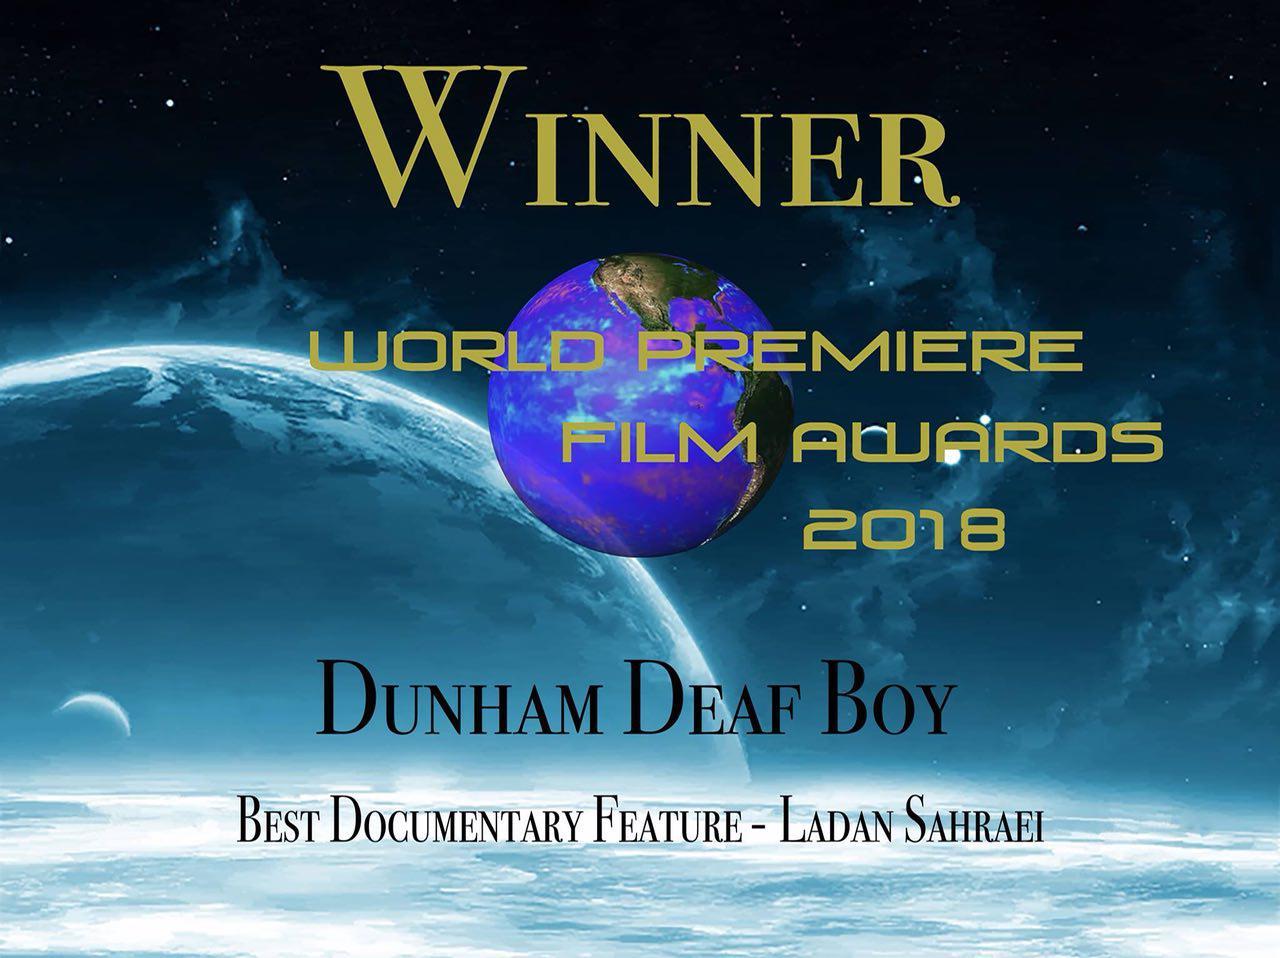 Dunhsm Deaf Boy